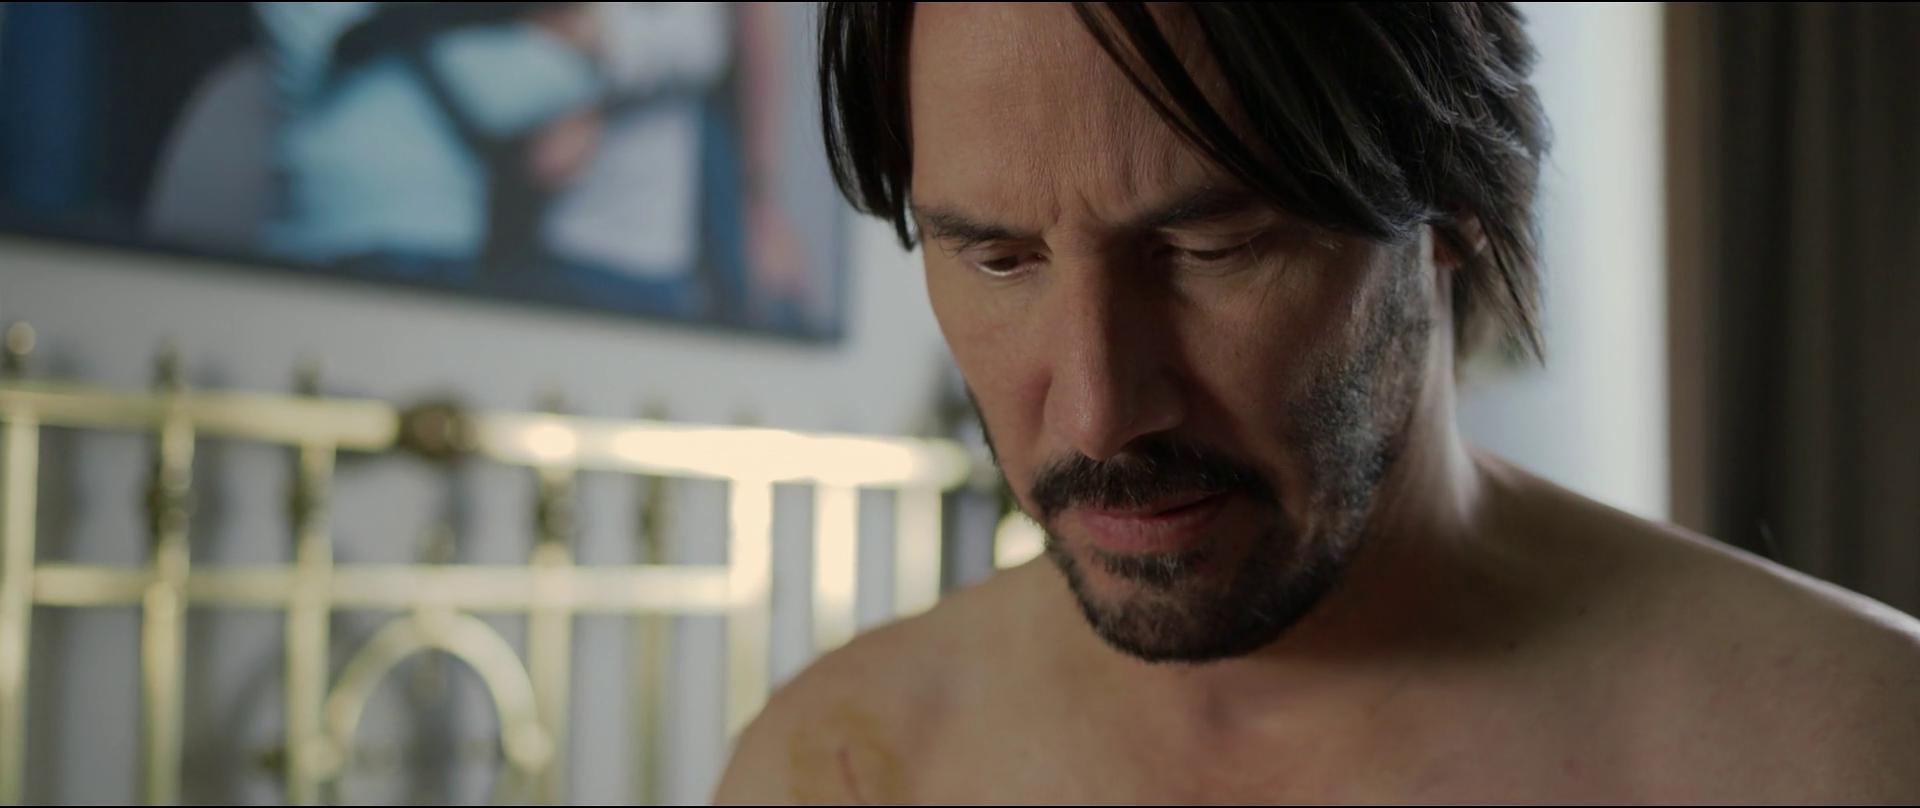 Yanlış Kapı 2015 filmini hd indir